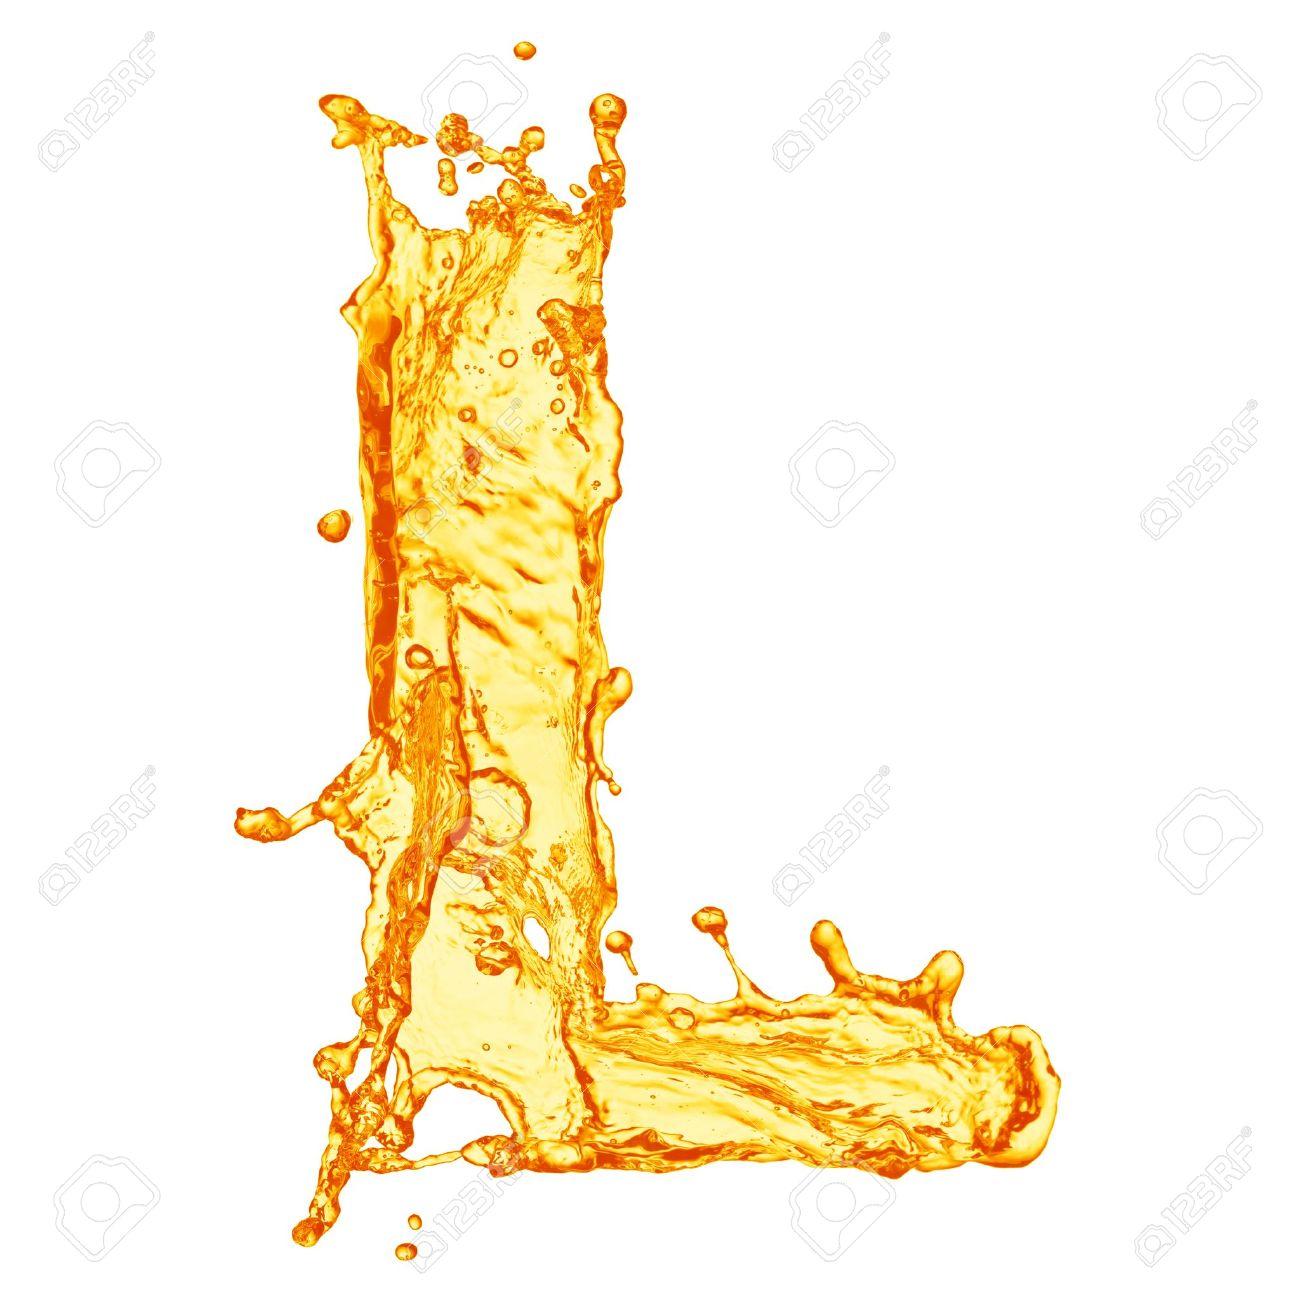 Orange liquid splash alphabet Stock Photo - 14096424